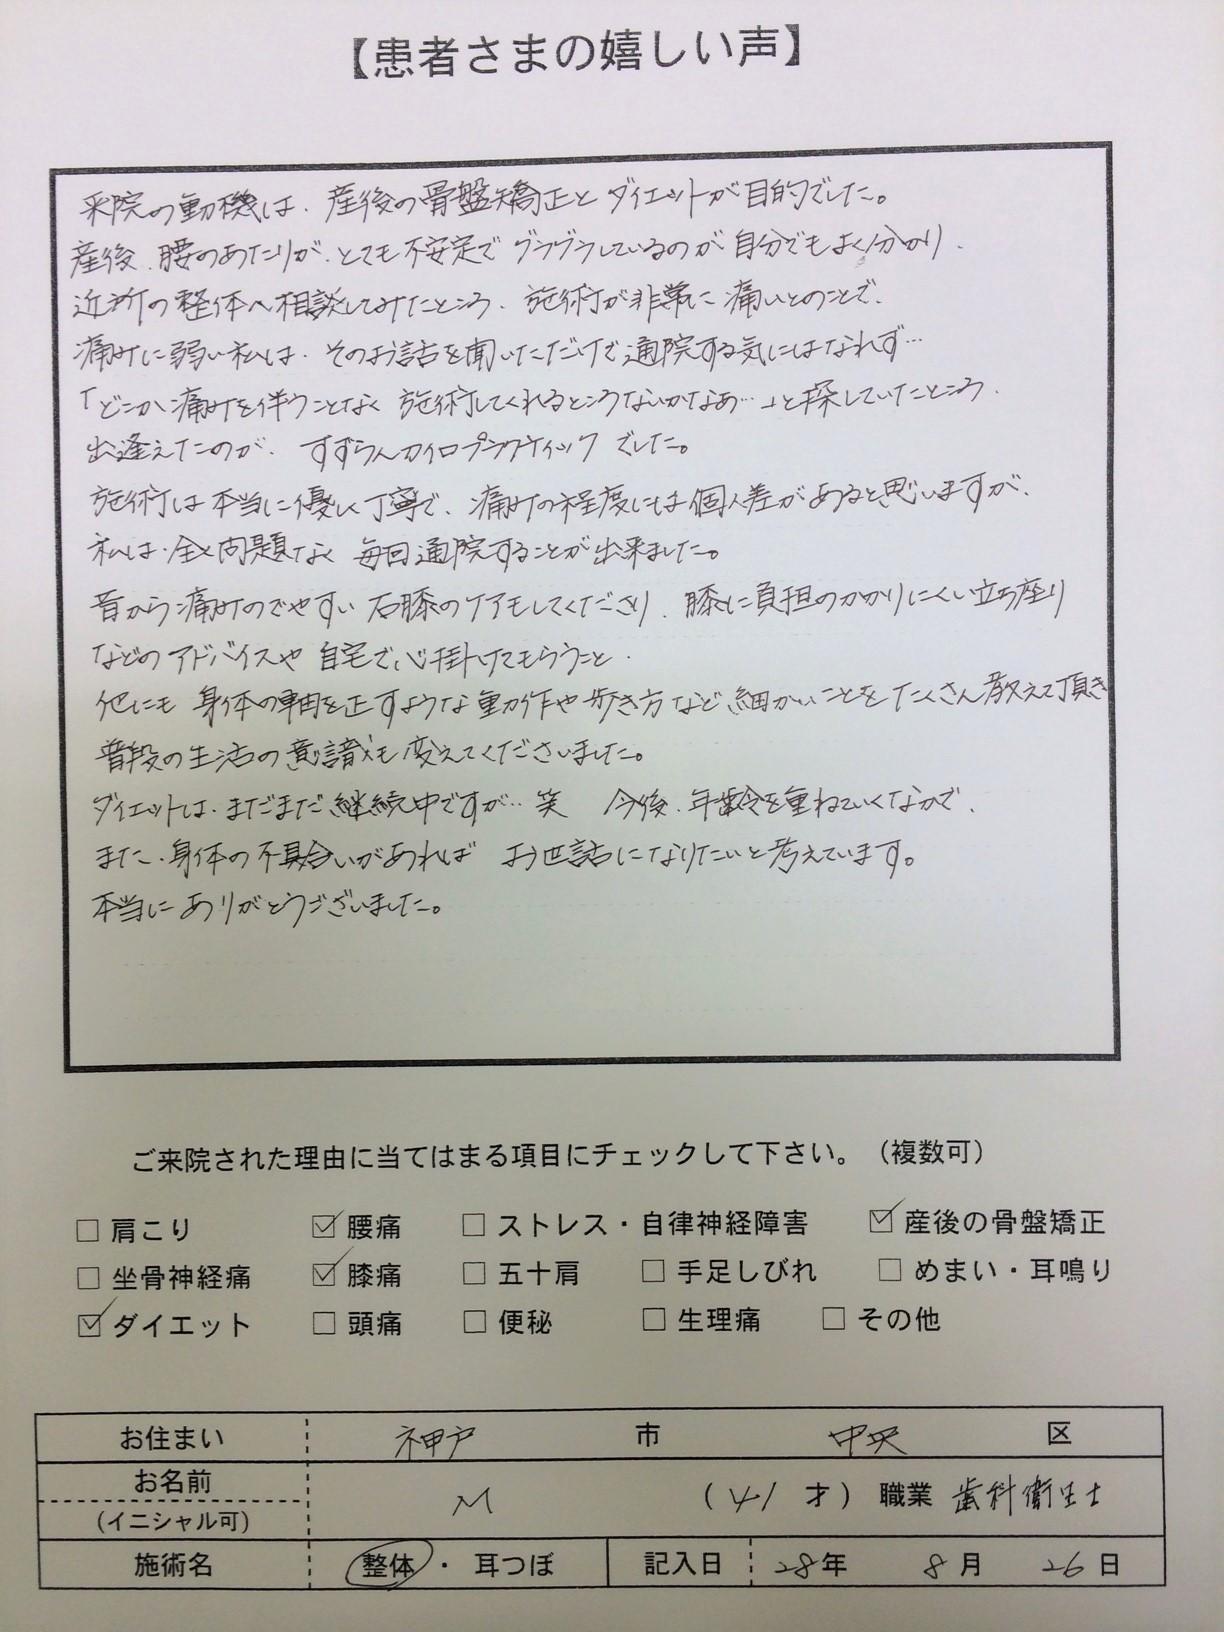 産後骨盤矯正  神戸市中央区 M様 41才 歯科衛生士.jpg